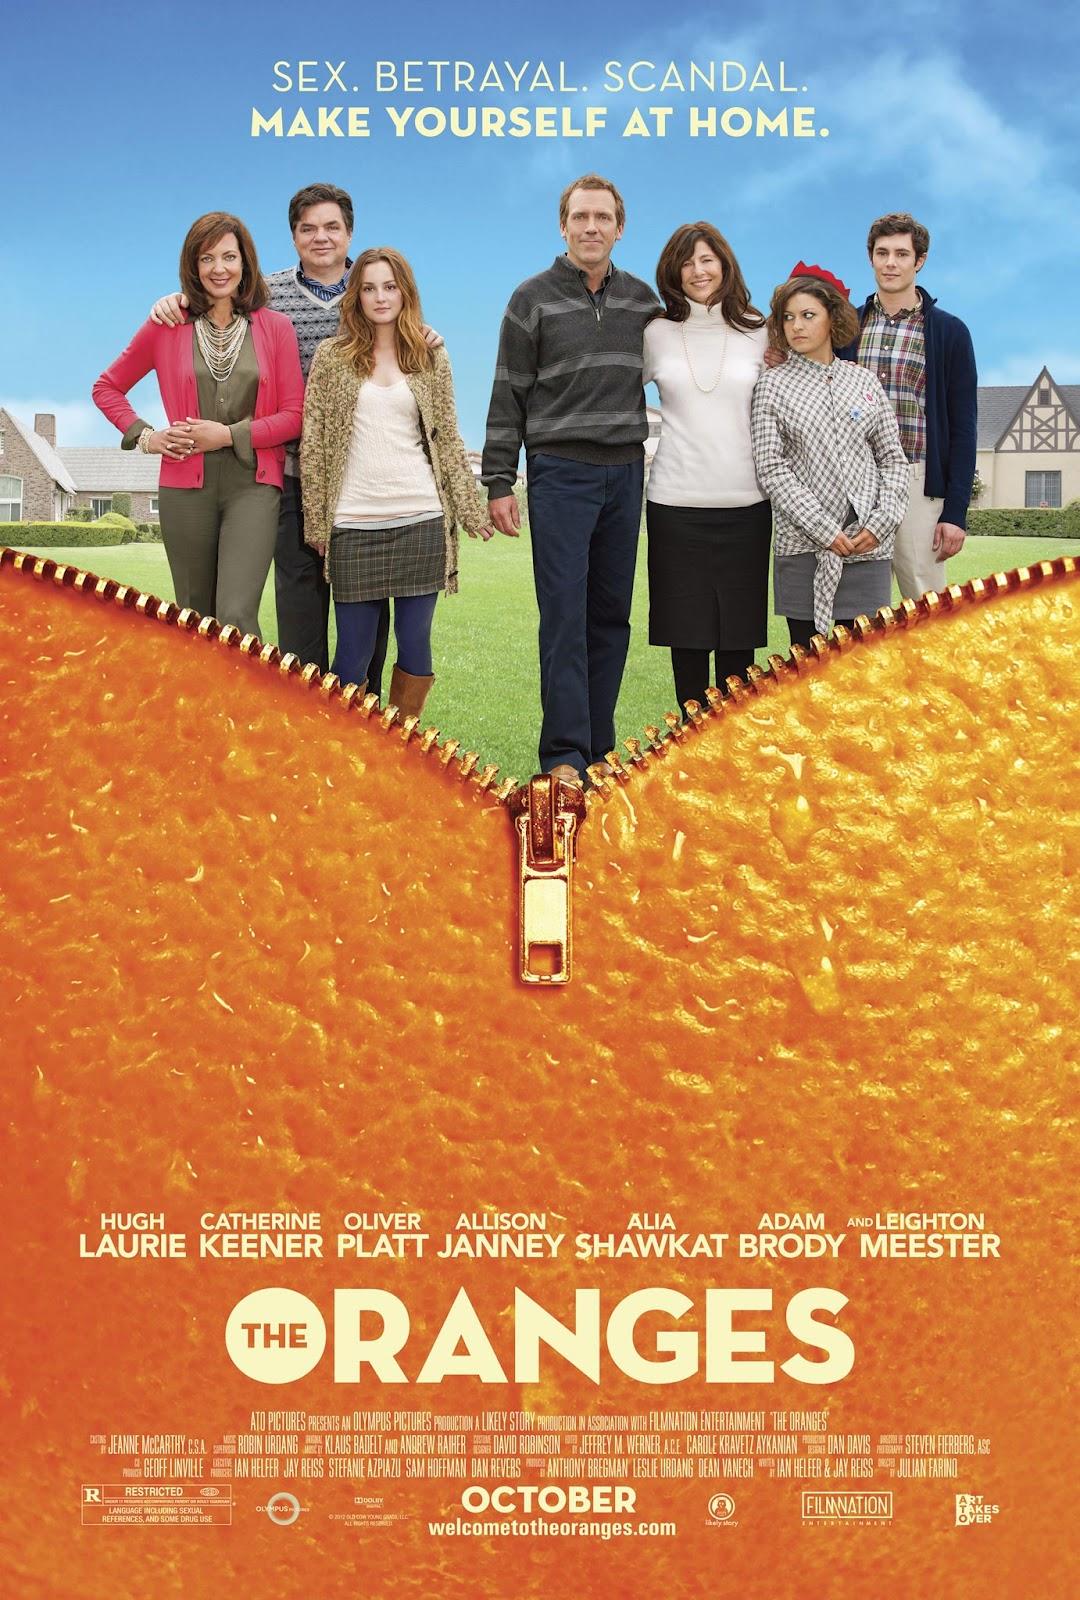 Watch The Oranges Movie Online Free 2012